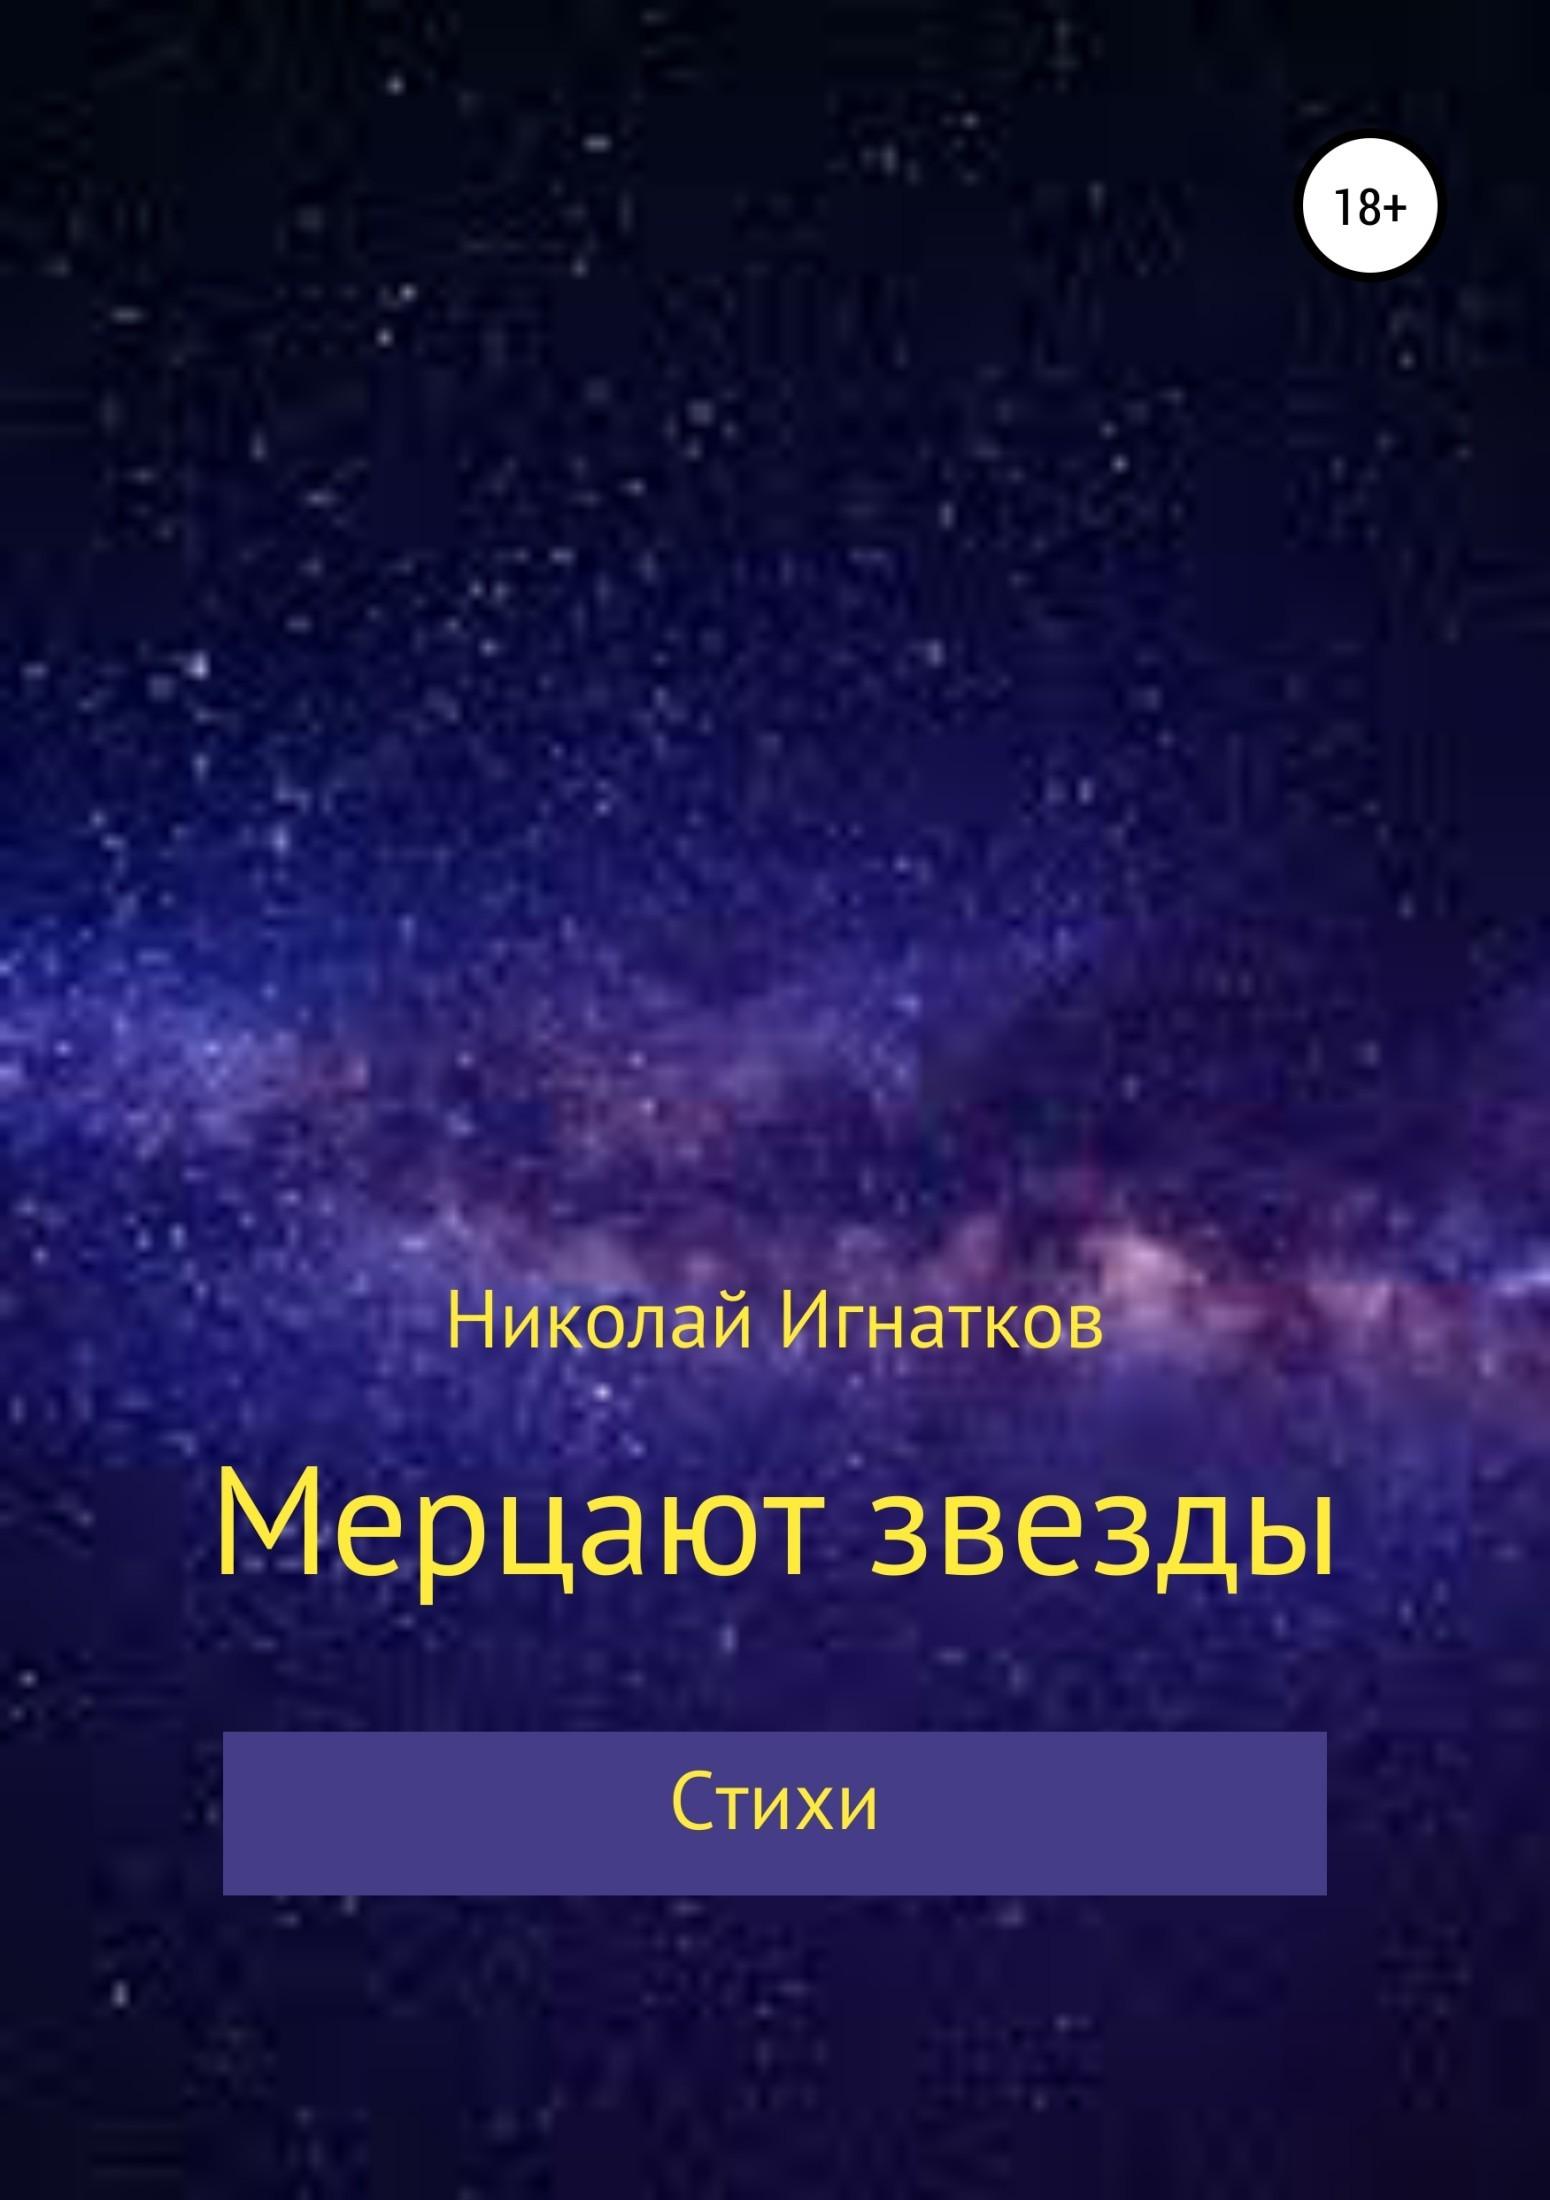 Николай Викторович Игнатков Мерцают звезды. Книга стихотворений цена